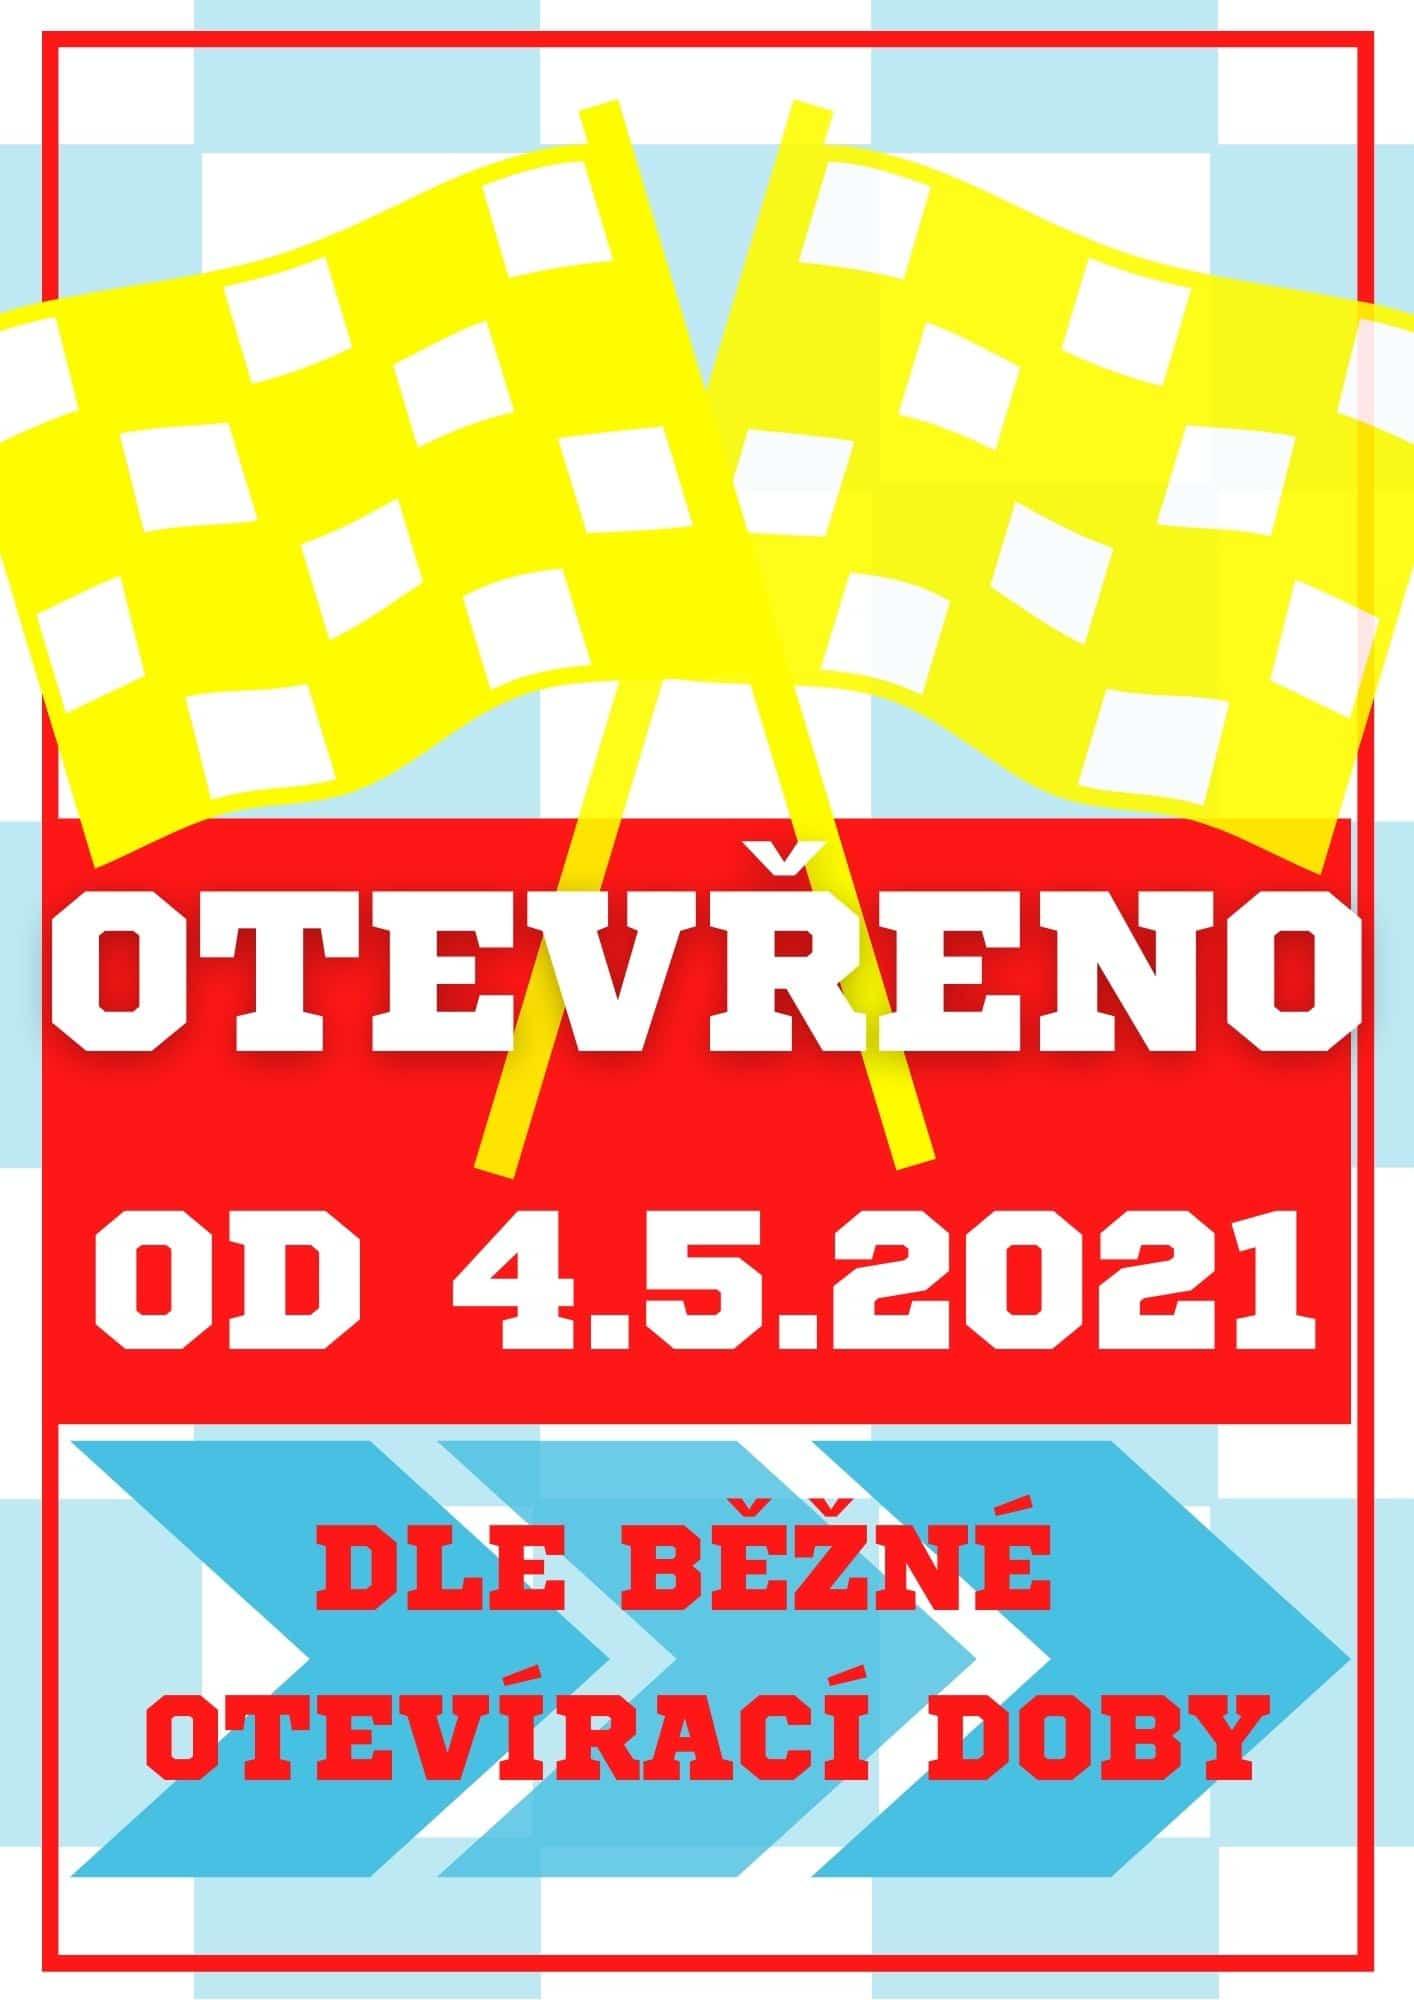 Otevřeno od 4.5.2021 dle běžné otevírací doby